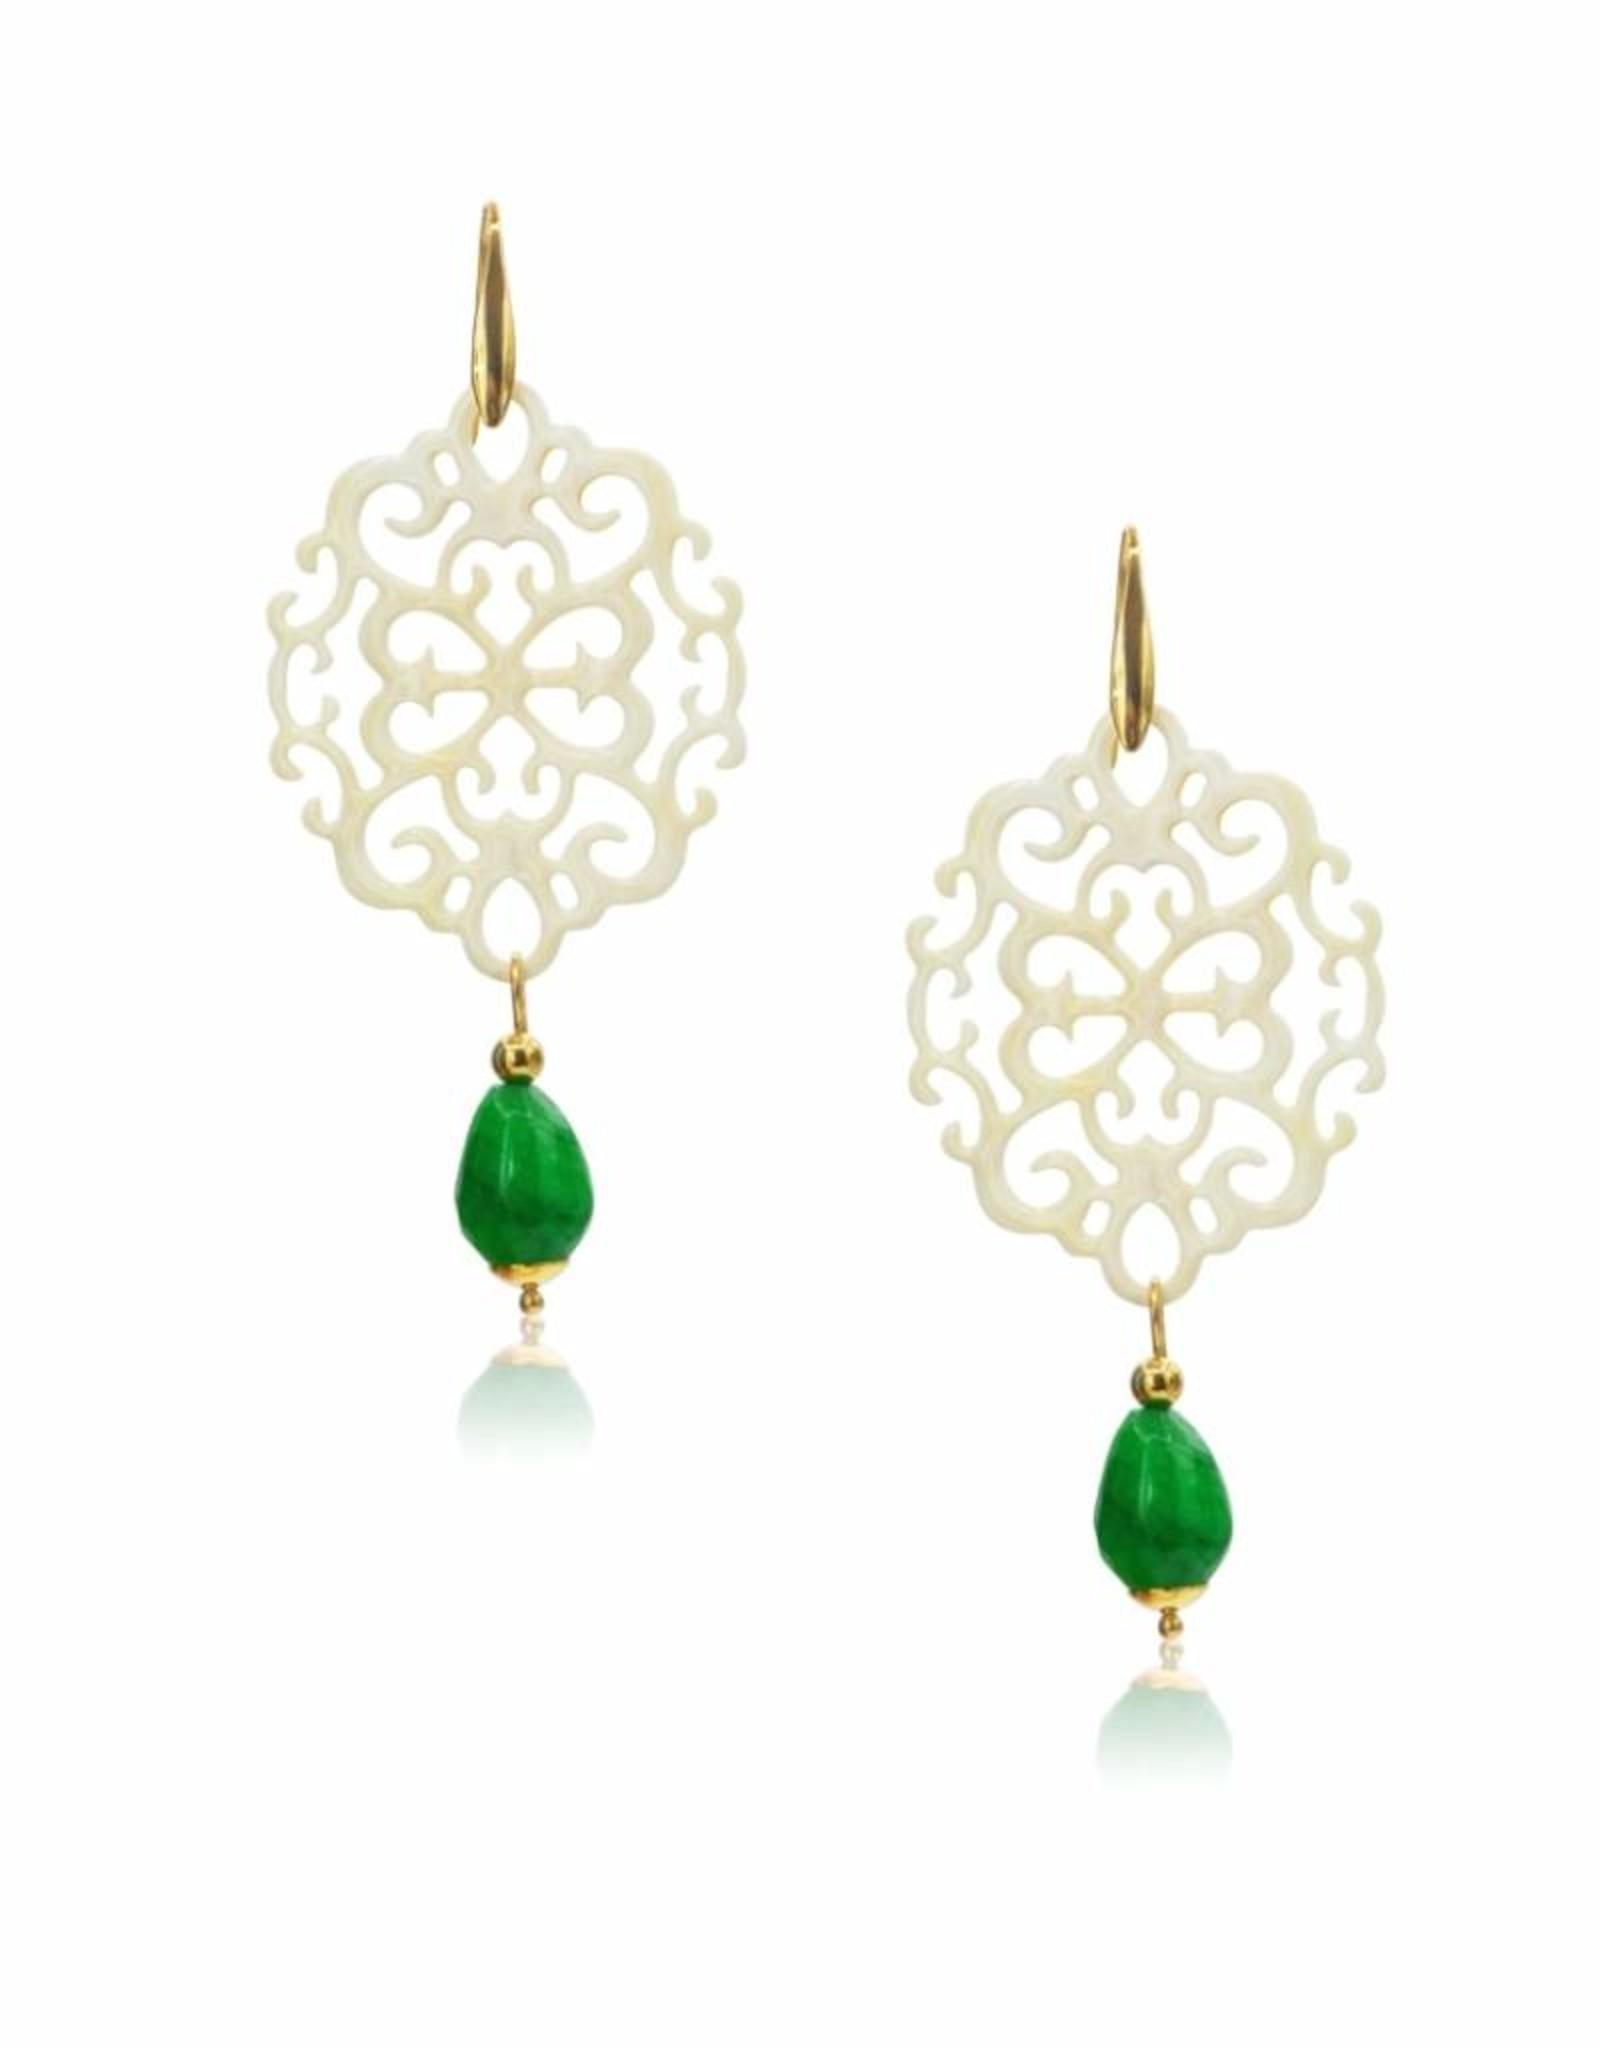 Laila oorbellen van licht naturel buffelhoorn en druppel van groene jade